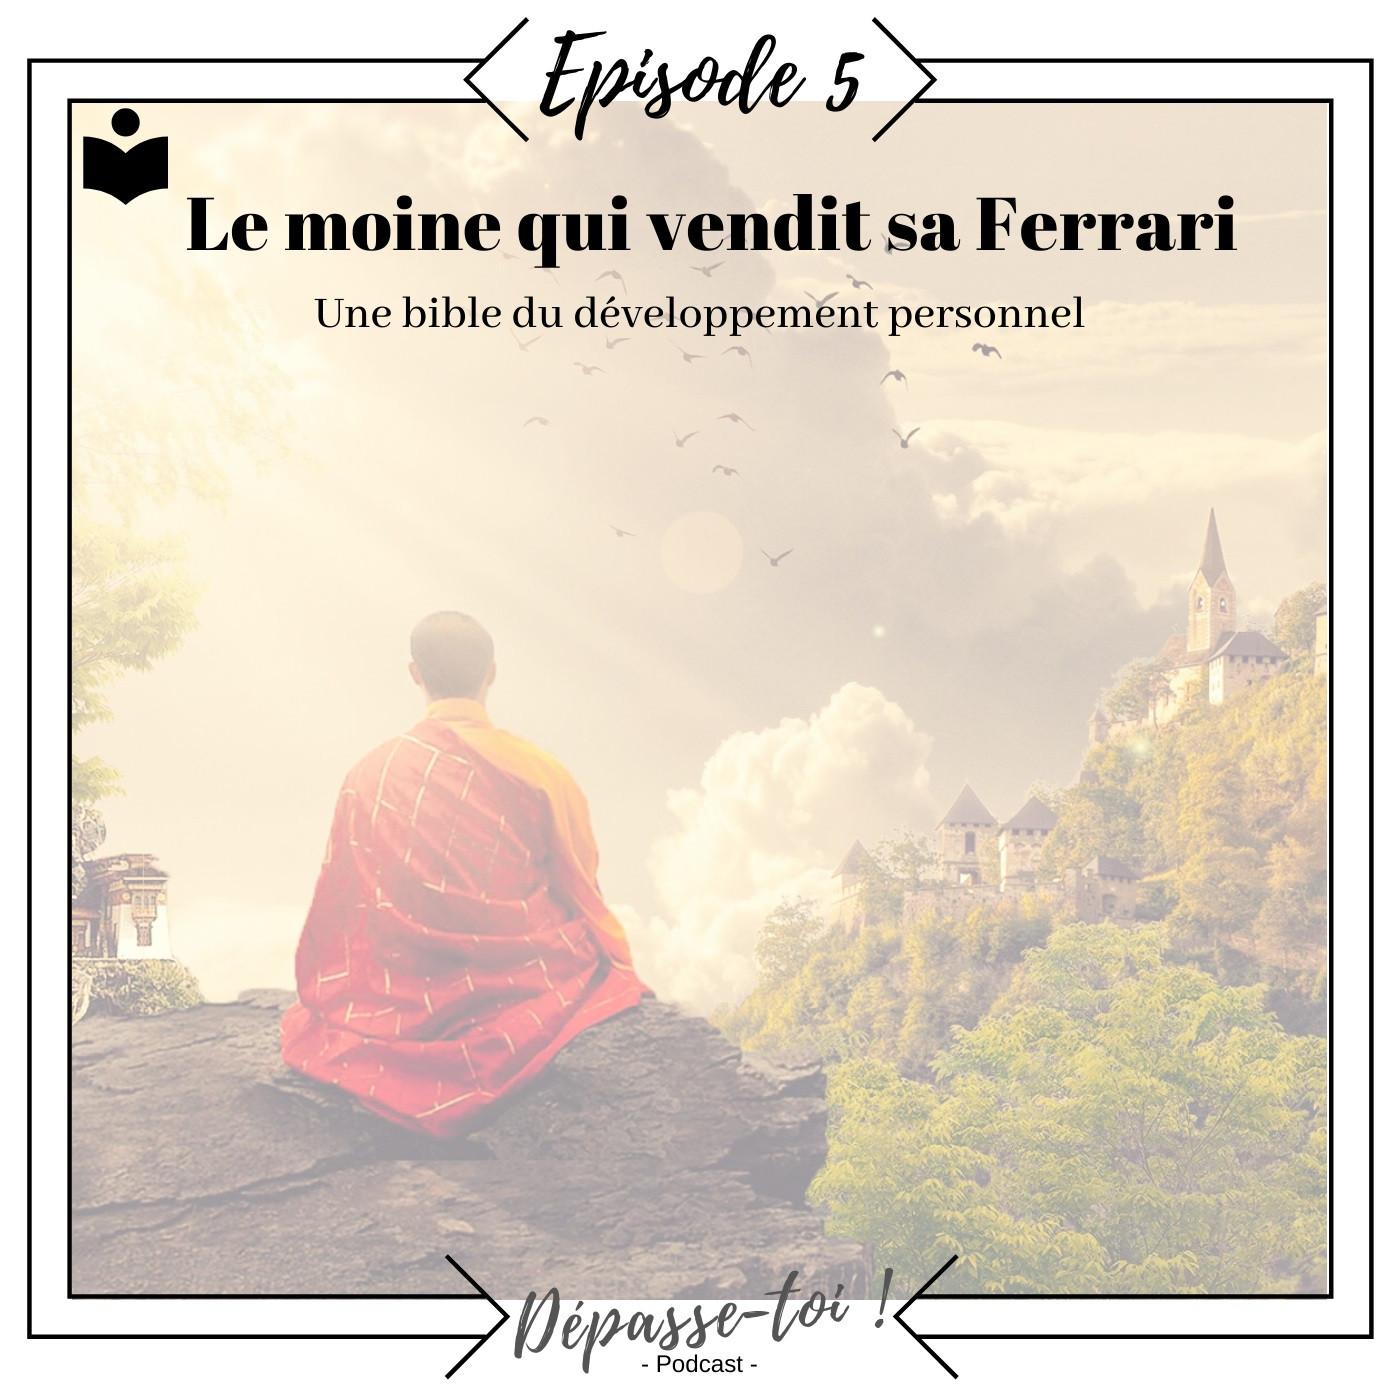 #5 - Le moine qui vendit sa Ferrari, une bible du développement personnel.